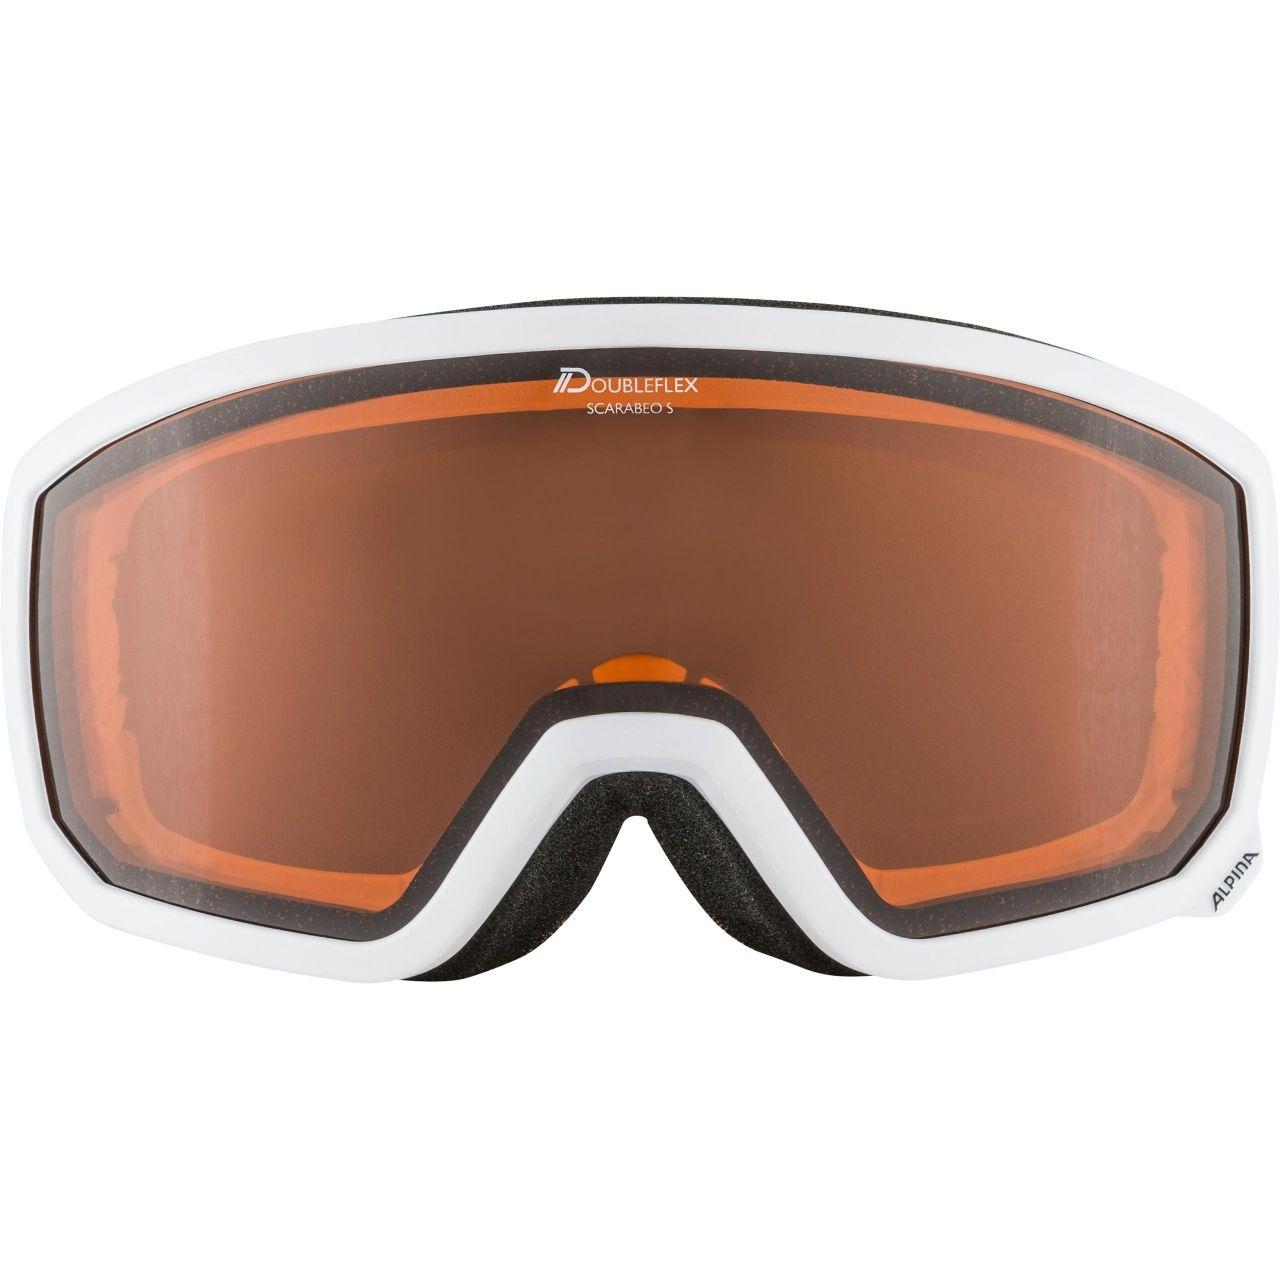 Alpina Erwachsenen SCARABEO S D Skibrille A7262 weiß